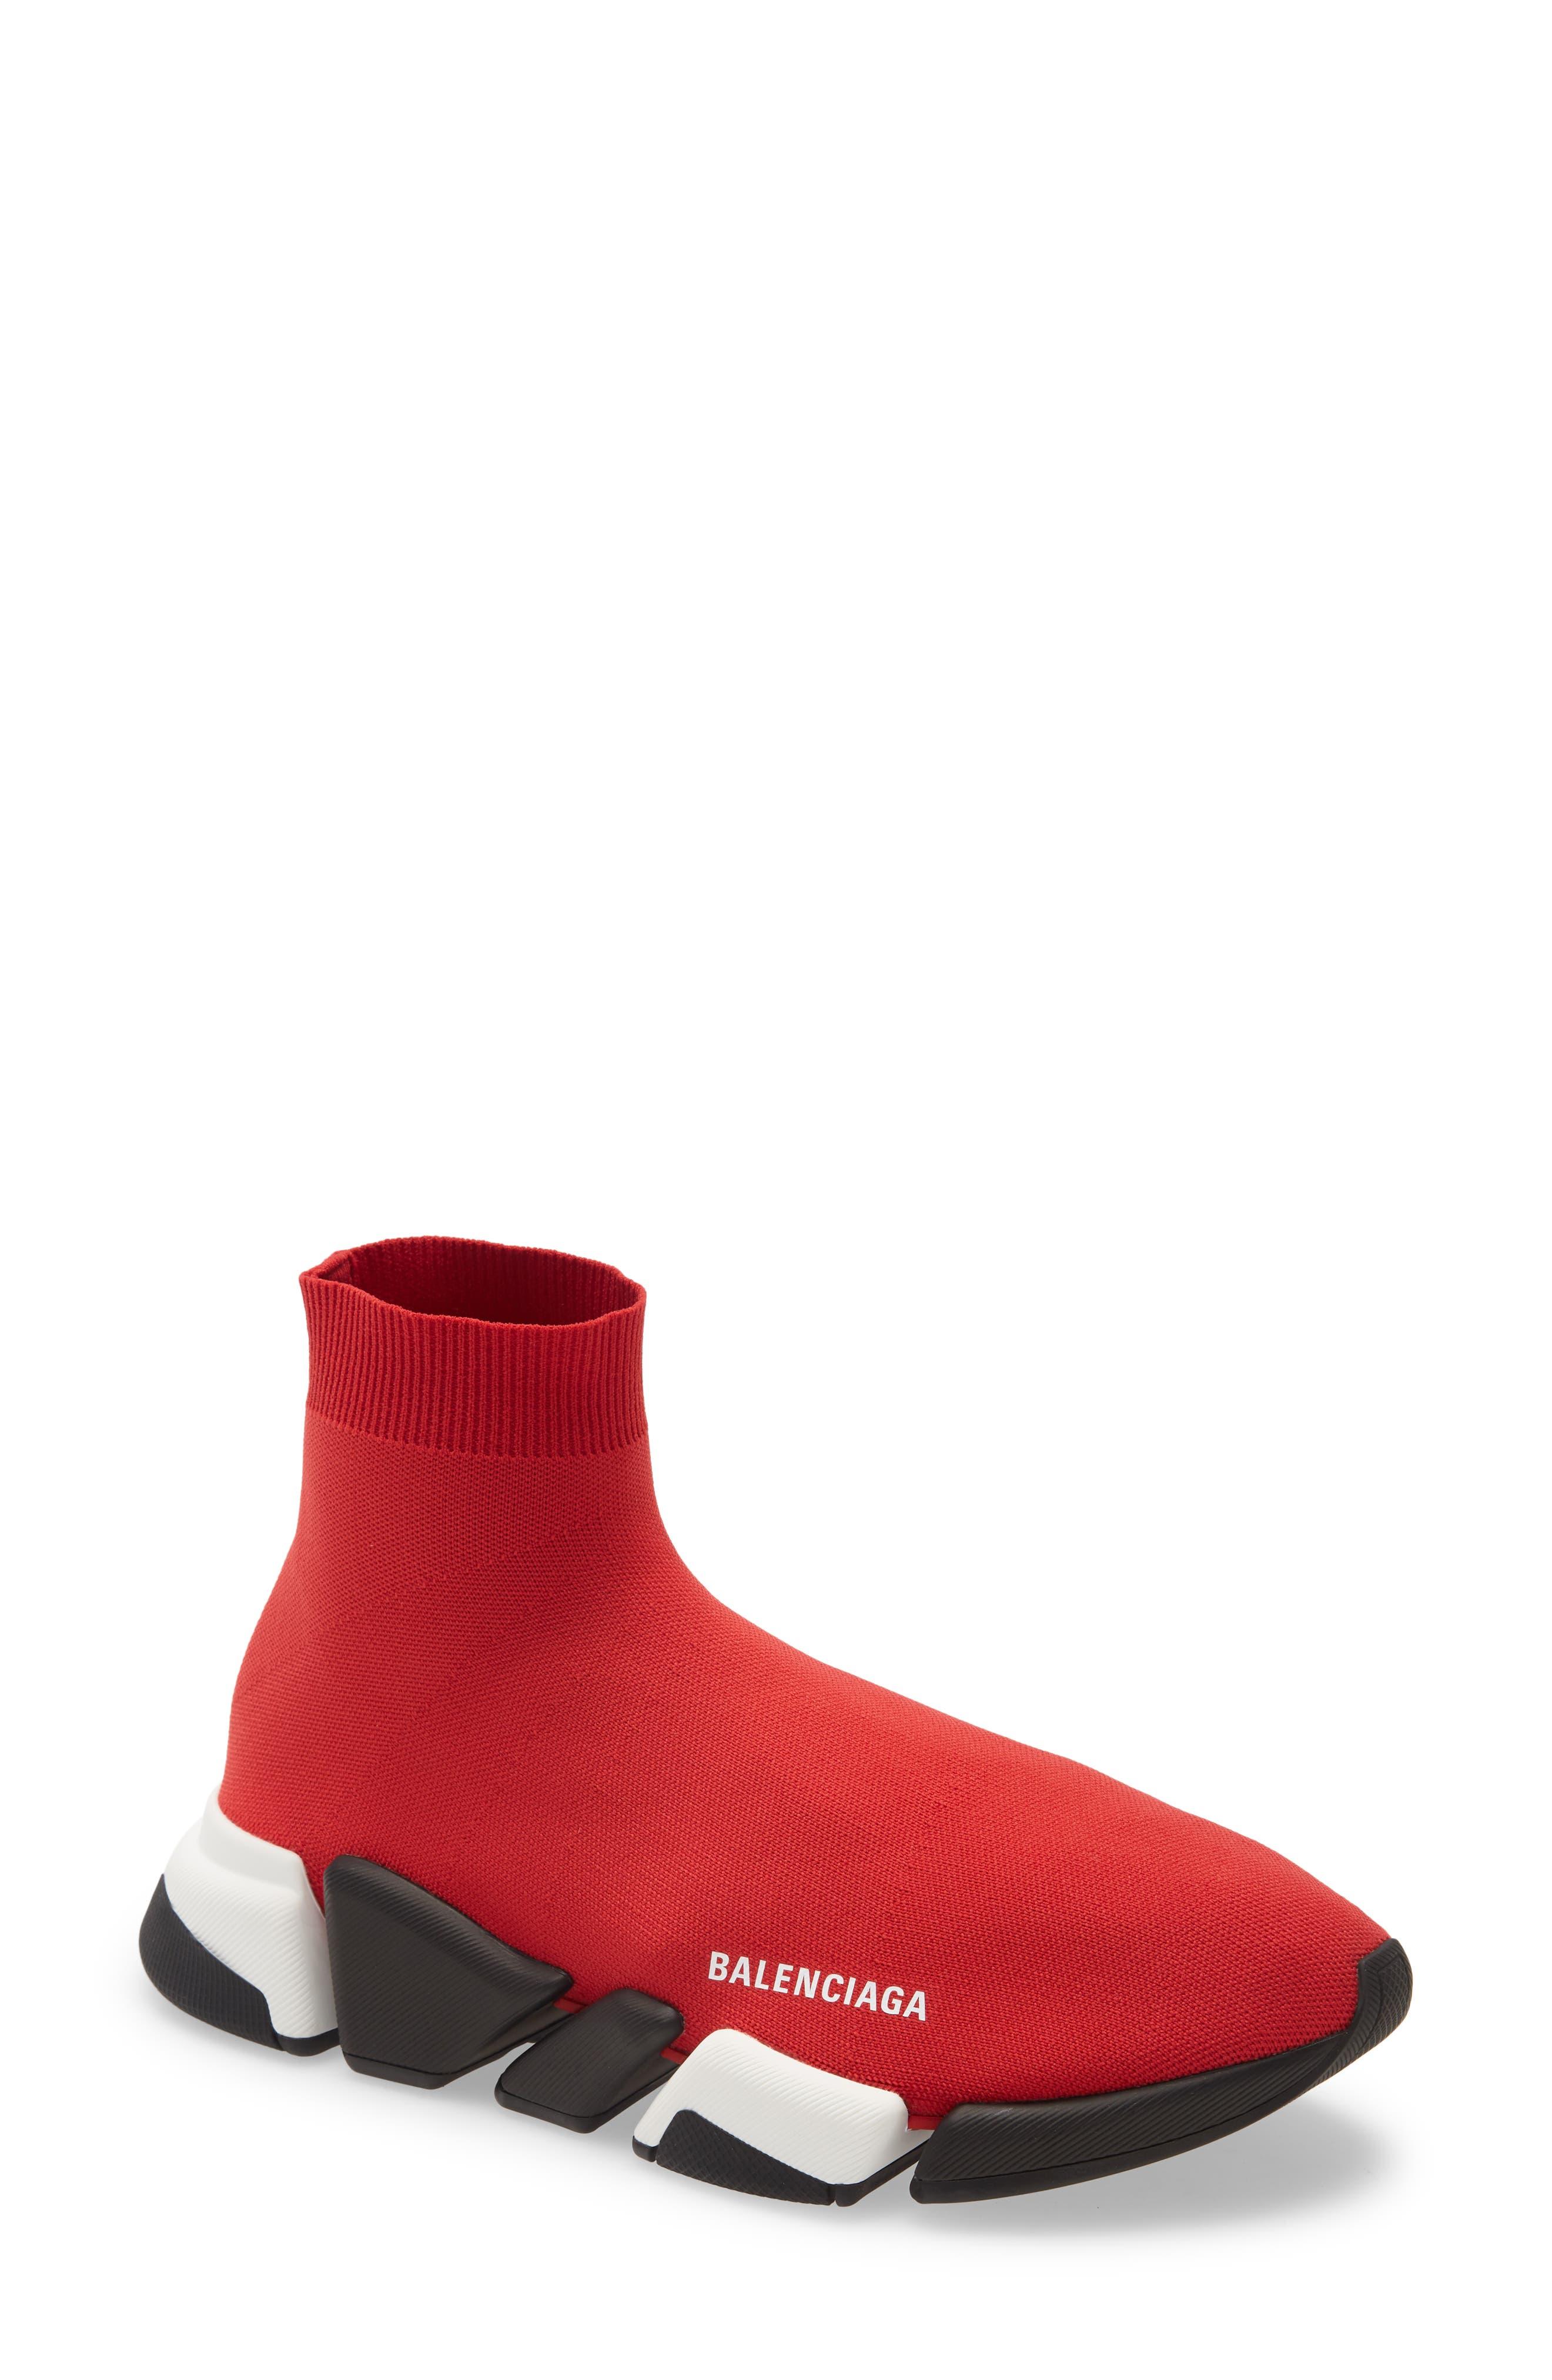 balenciaga socks size 3